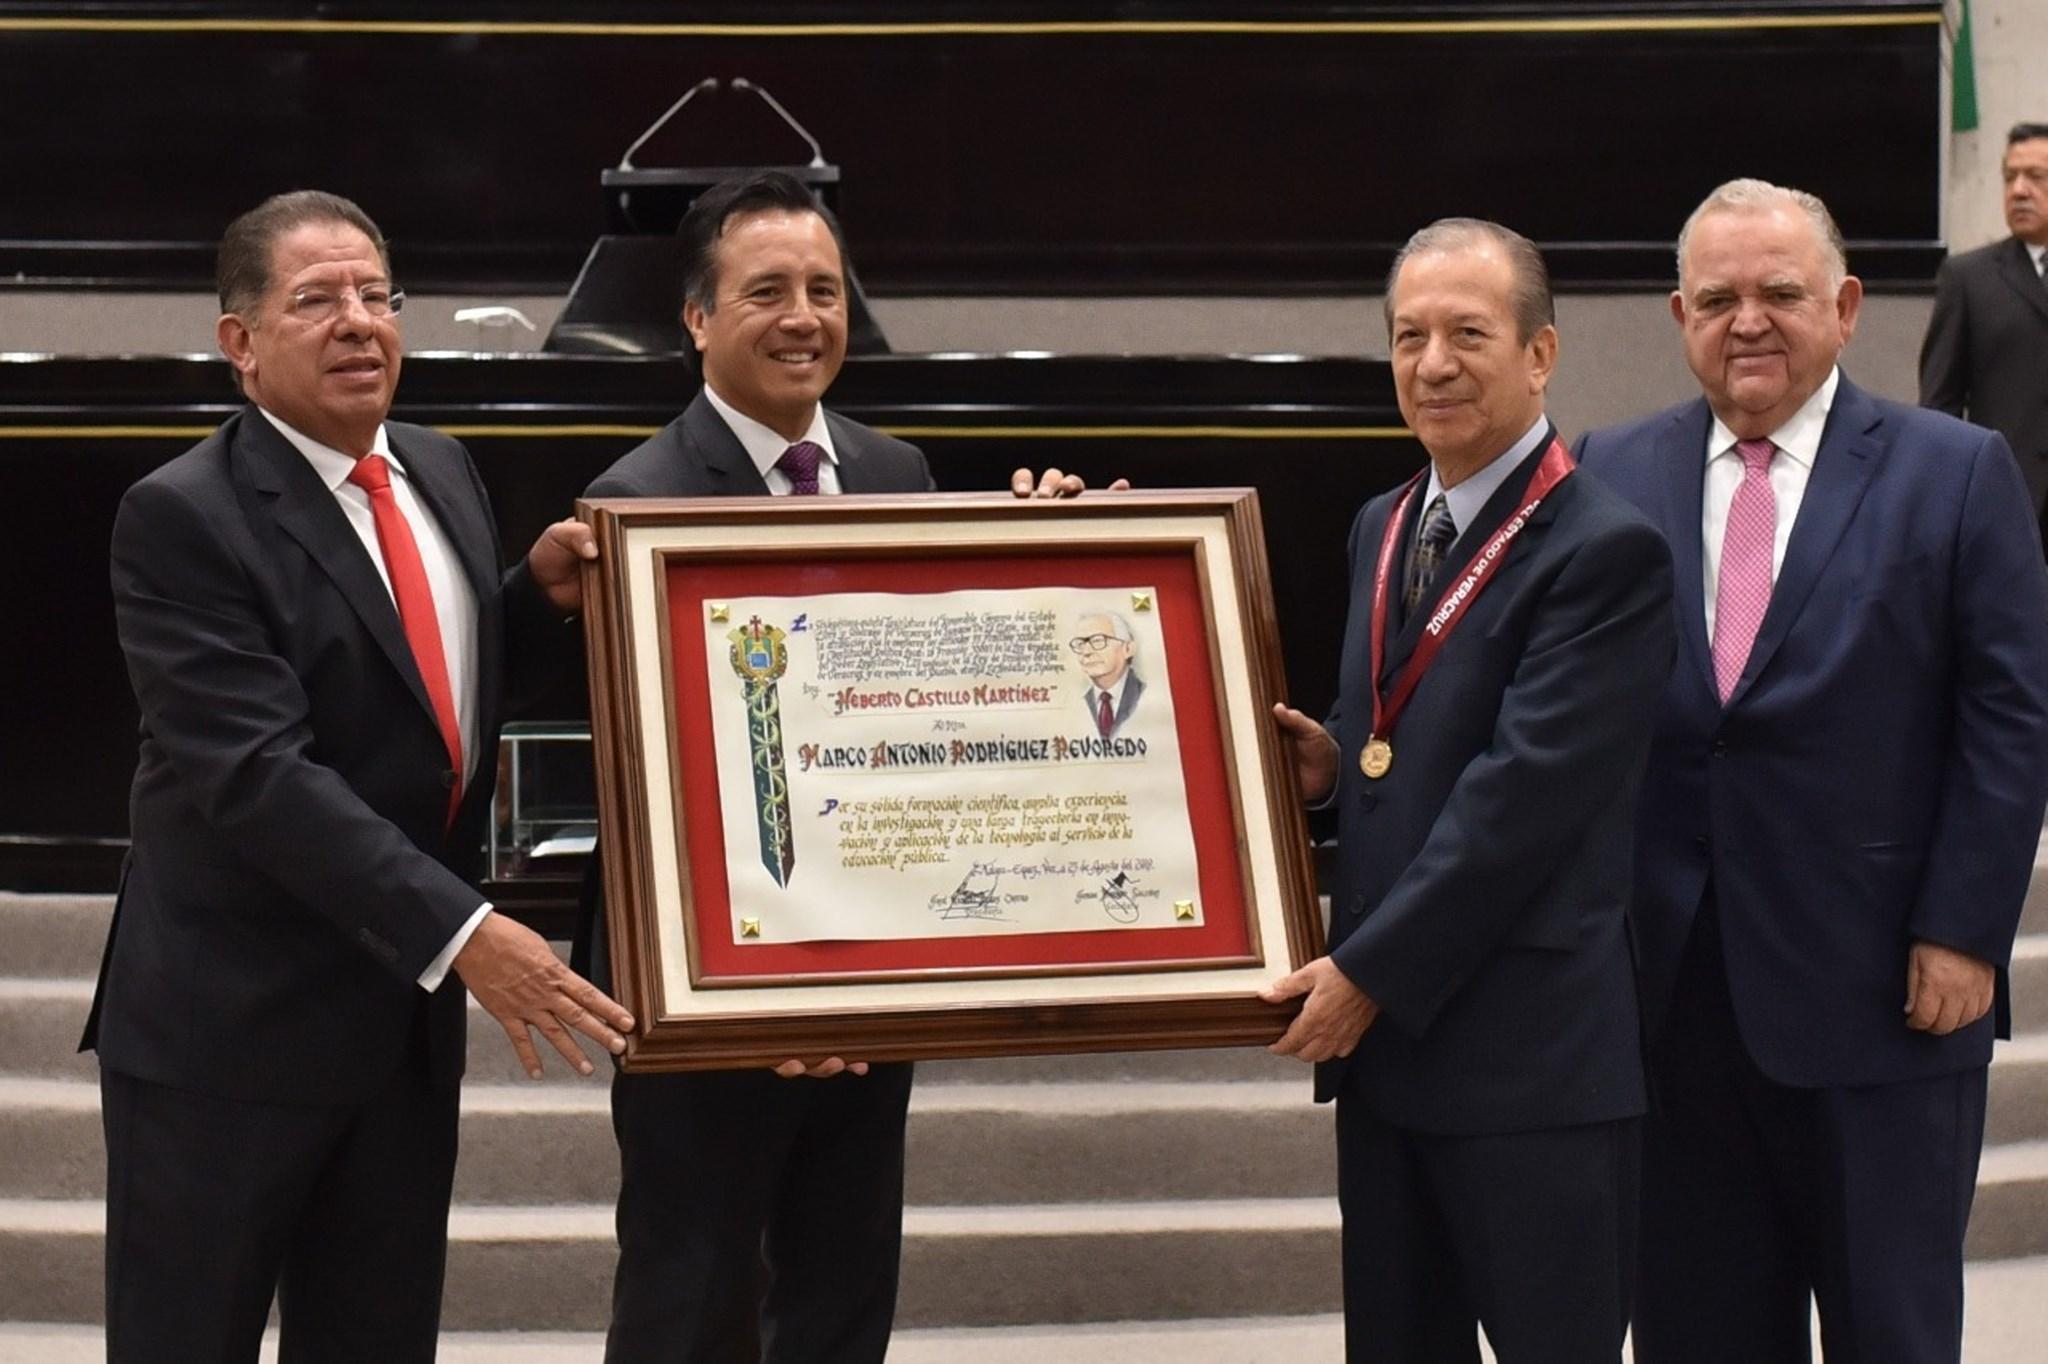 """Entregan medalla """"Heberto Castillo Martínez"""" a Marco Antonio Rodríguez Revoredo"""